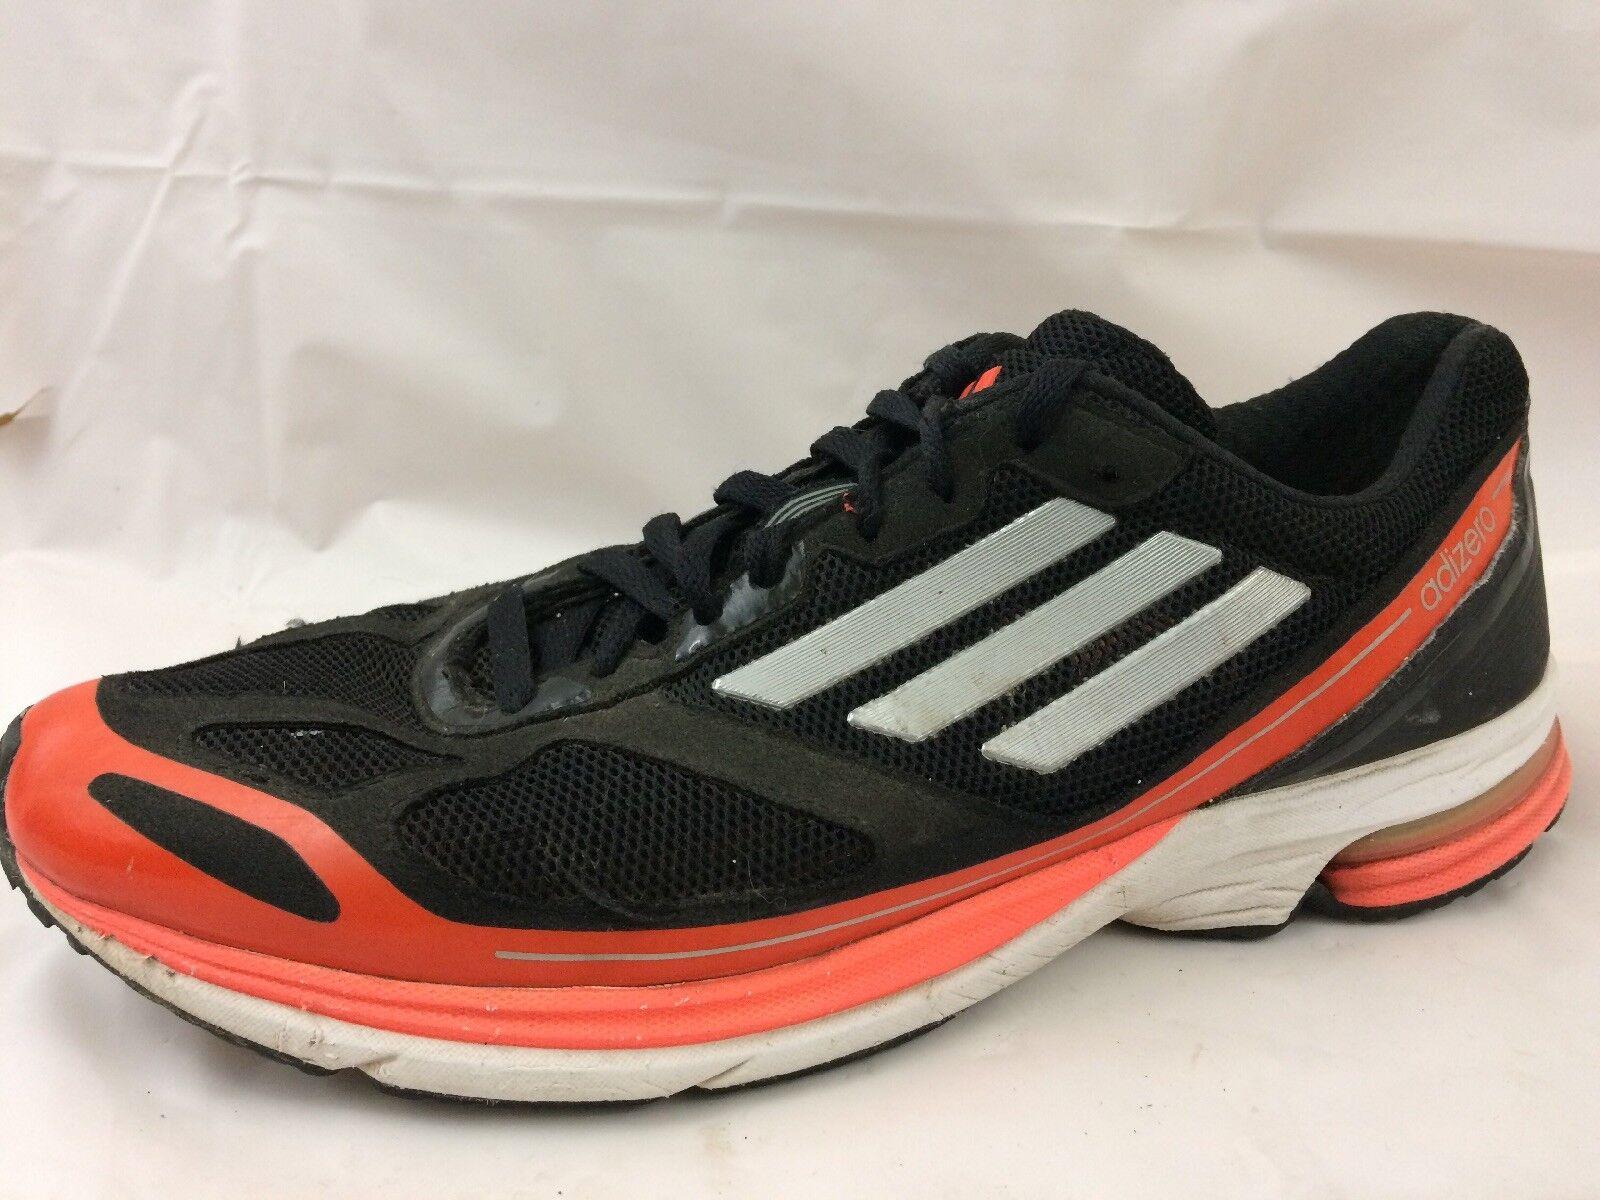 Adidas q21562 adizero boston 4 scarpe da corsa da ginnastica nero arancione mens 10 medio | Elegante Nello Stile  | Gentiluomo/Signora Scarpa